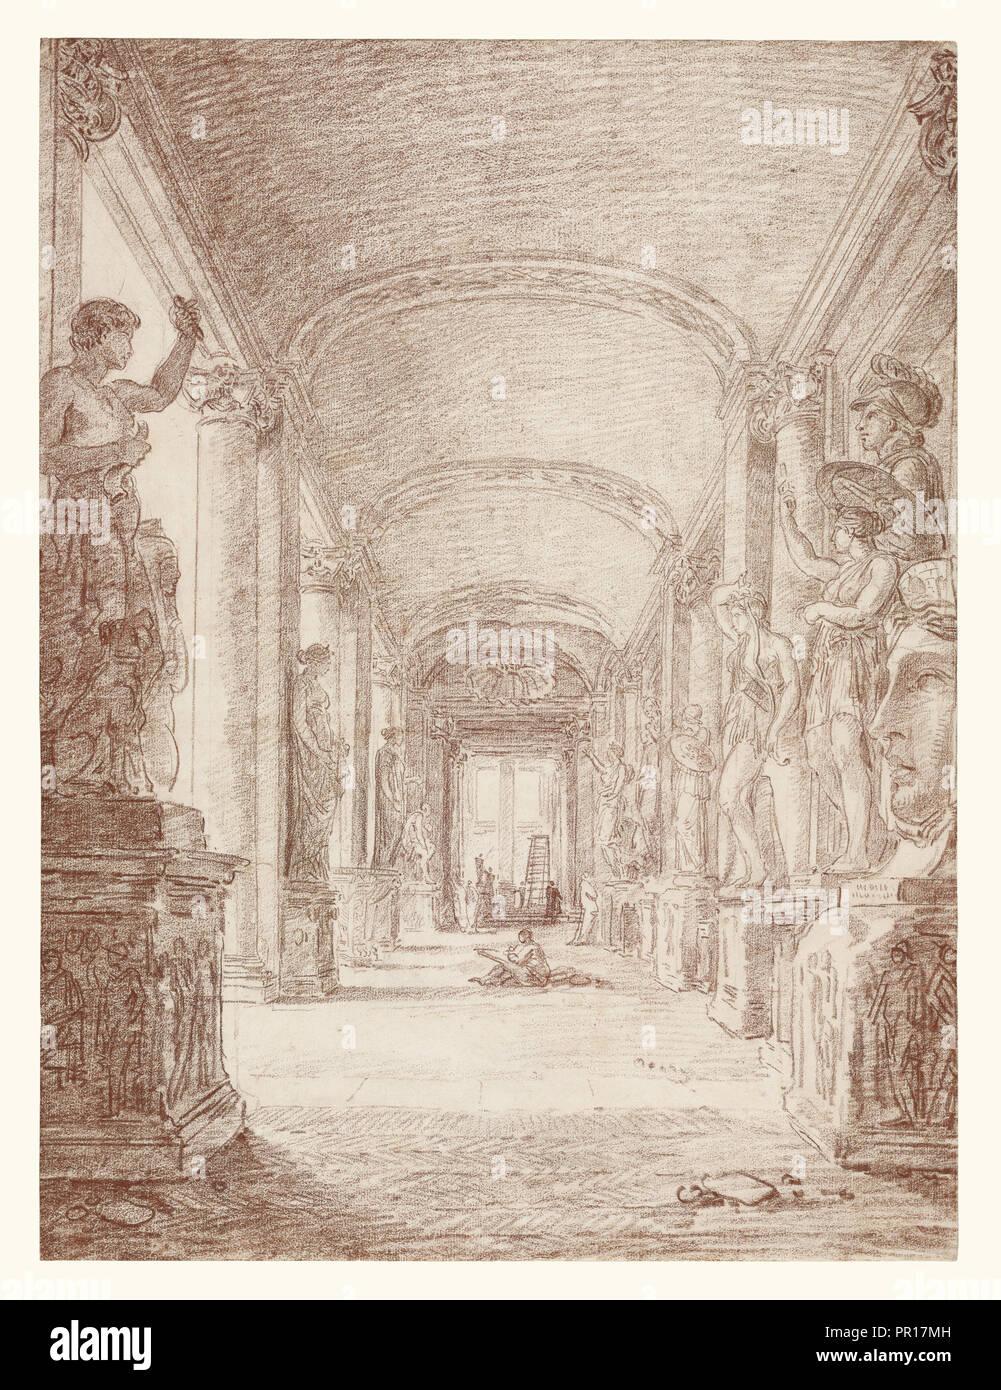 Ein Zeichner in der Kapitolinischen Galerie; Hubert Robert, Französisch, 1733 - 1808, Italien; über 1765; Rote Kreide; 45,7 x 33,7 cm Stockbild